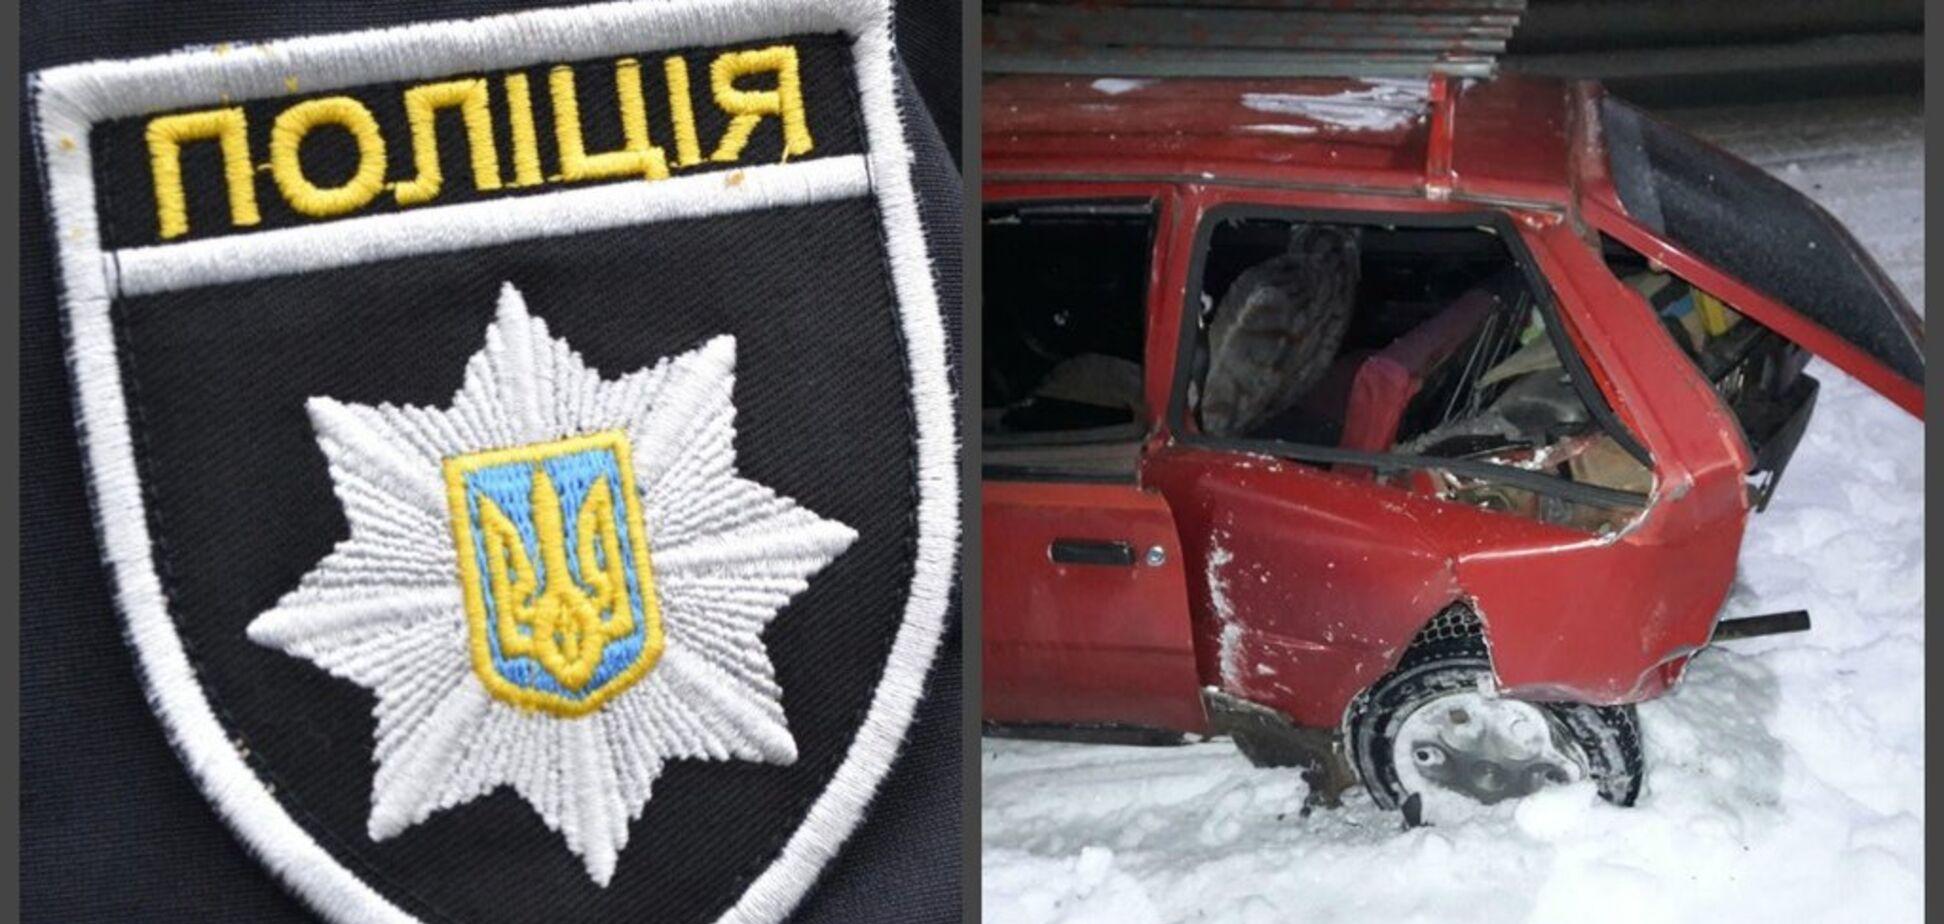 Машина в брухт, винуватець зник: поліція ''скасувала'' виклик на ДТП